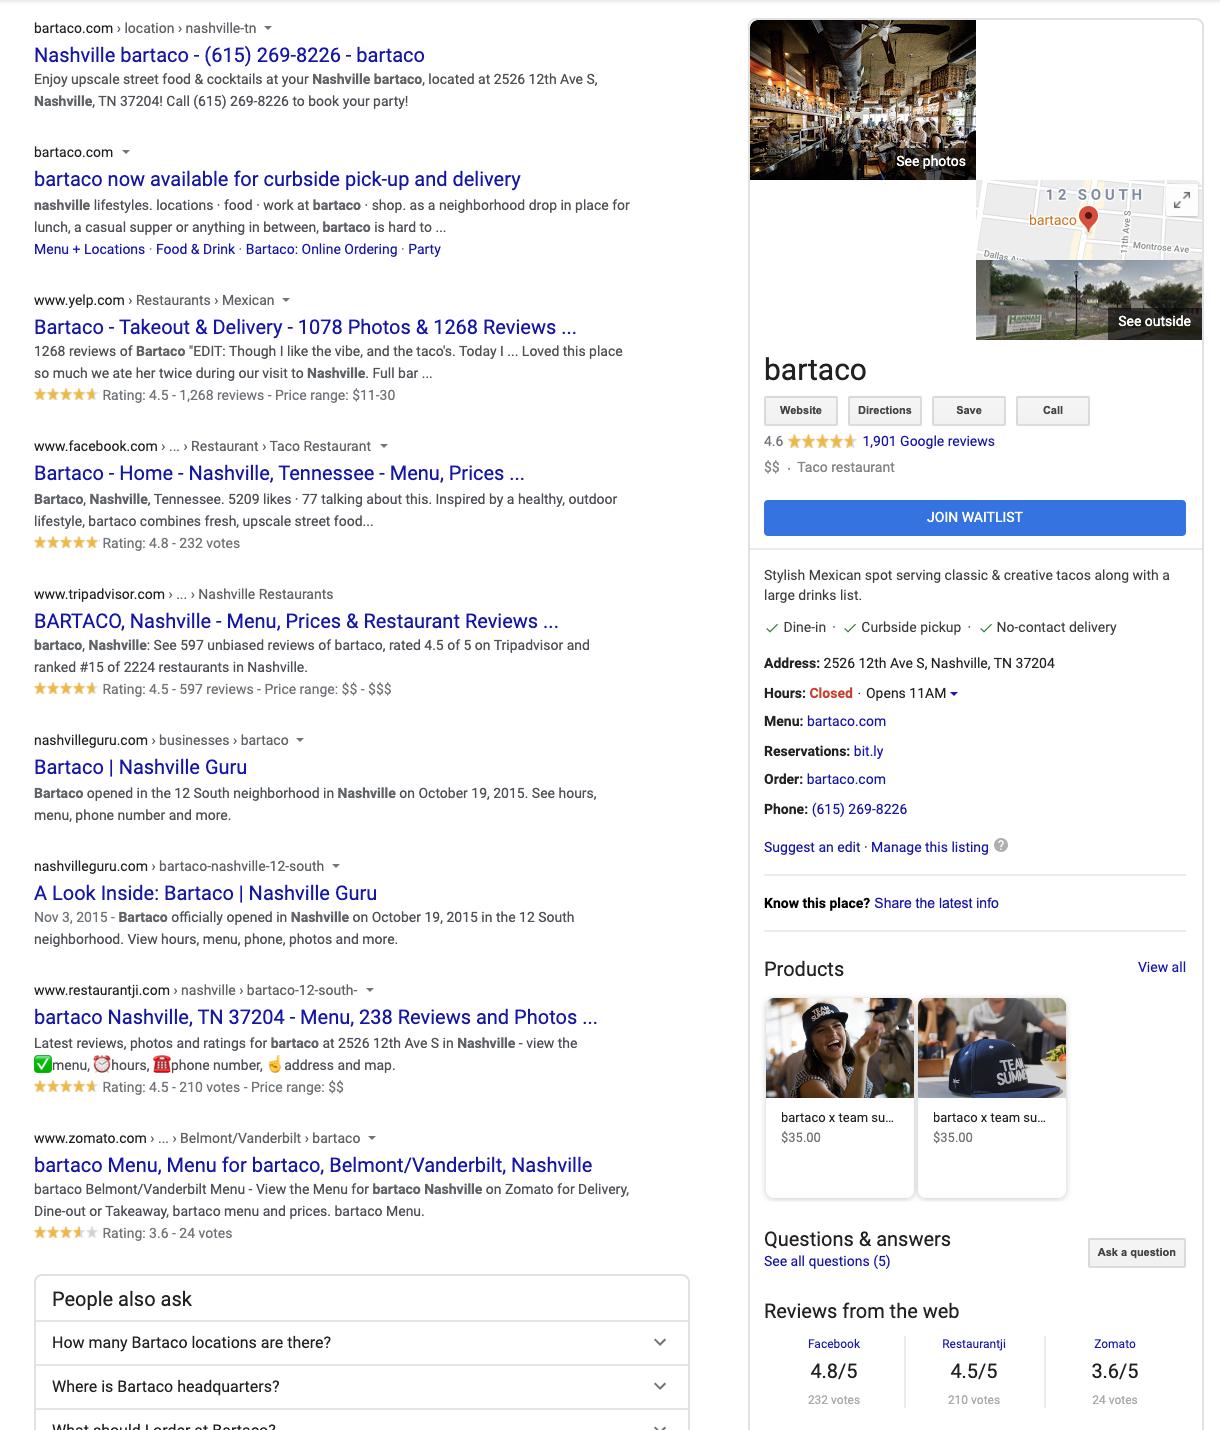 bartaco nashville google results